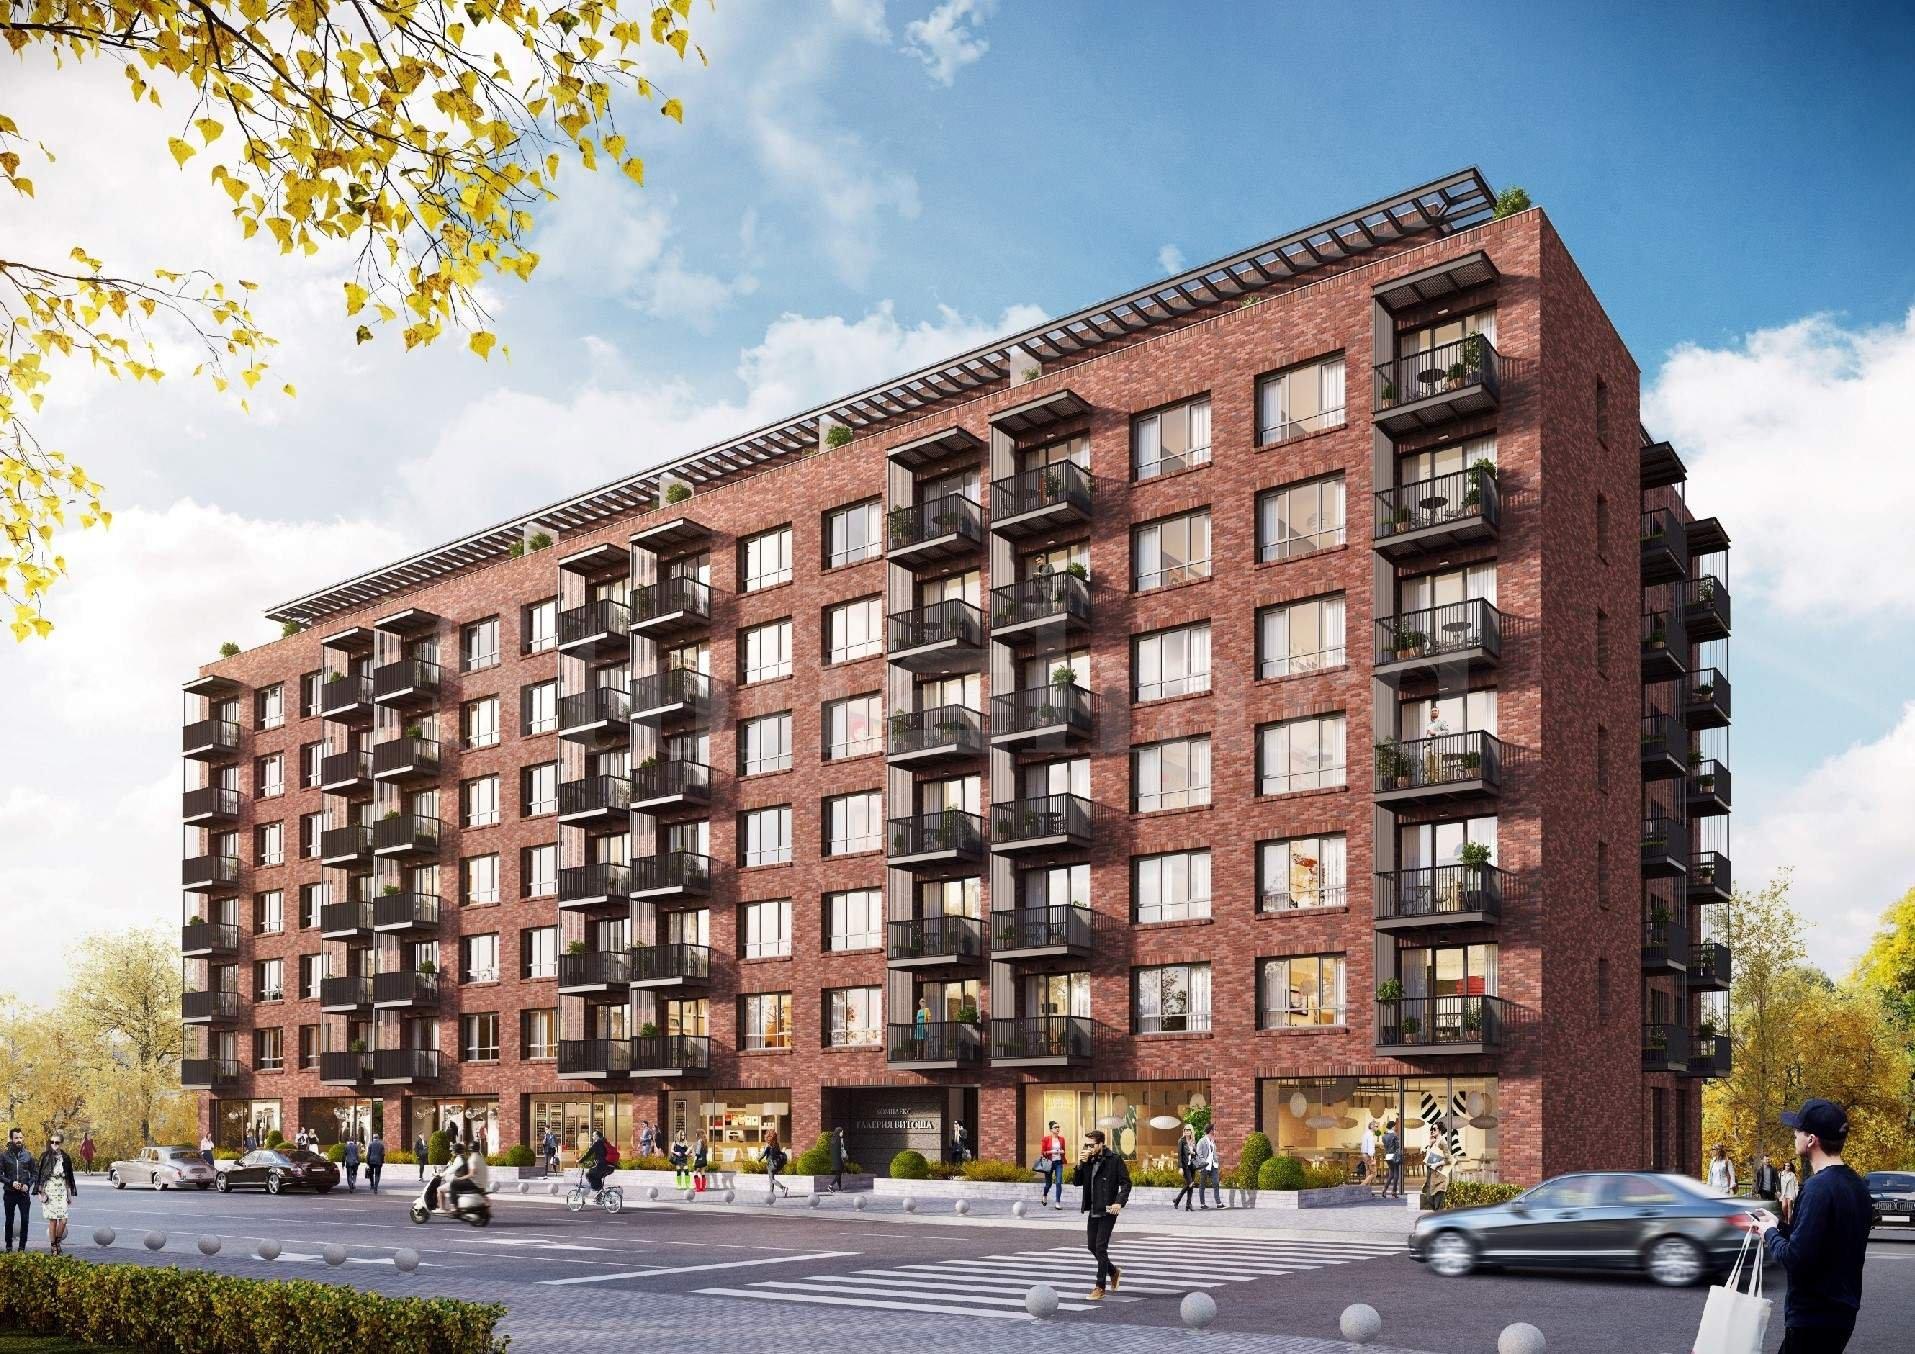 Многофамилна жилищна сграда с хармоничен дизайн и озеленен парк  1 - Stonehard